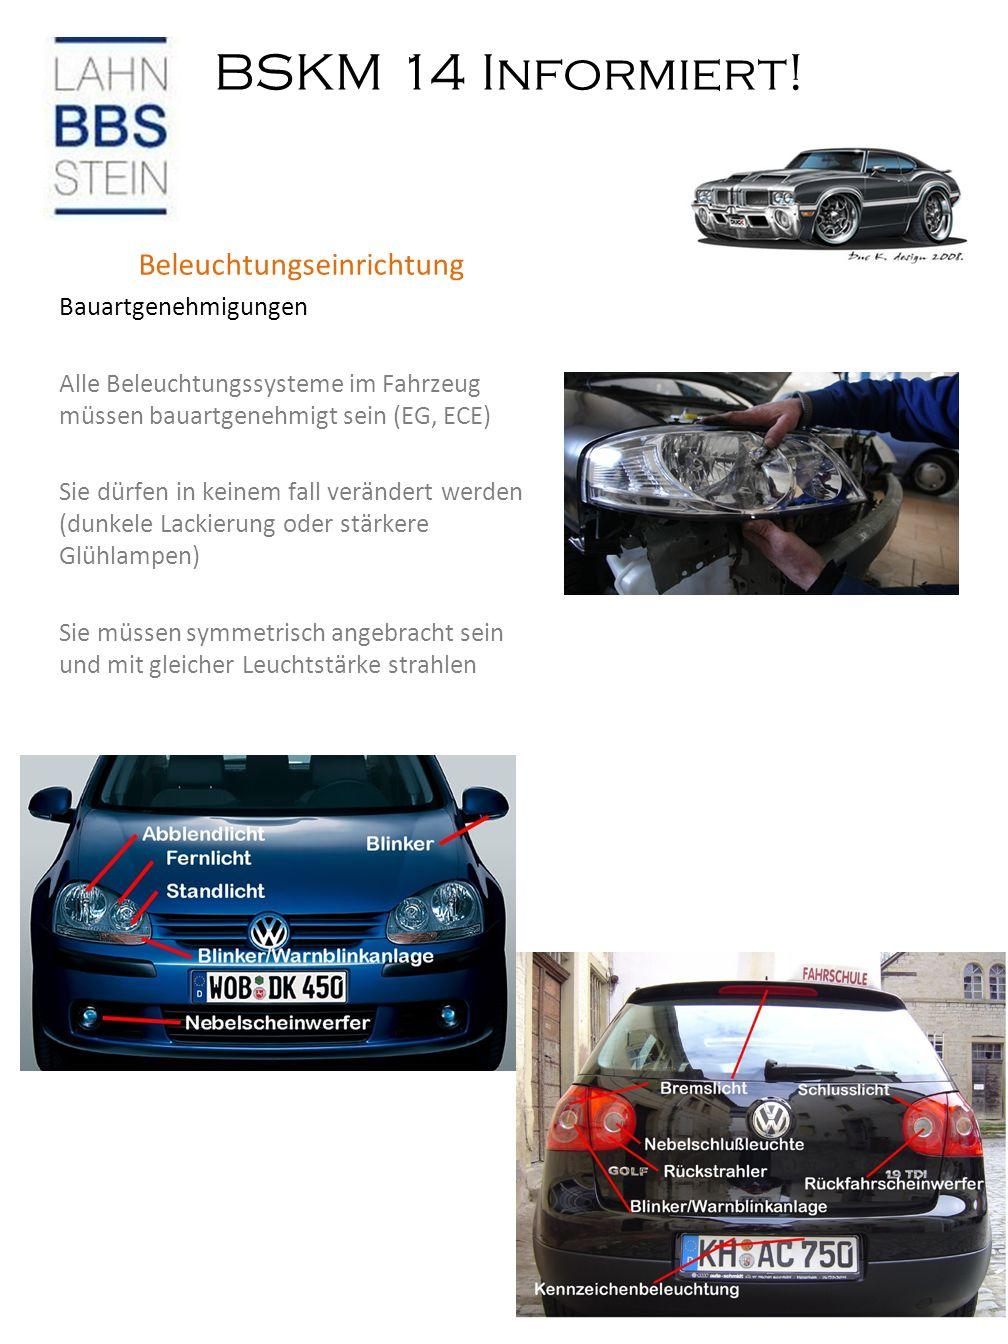 BSKM 14 Informiert! Bremsflüssigkeit Beleuchtungseinrichtung Bauartgenehmigungen Alle Beleuchtungssysteme im Fahrzeug müssen bauartgenehmigt sein (EG,